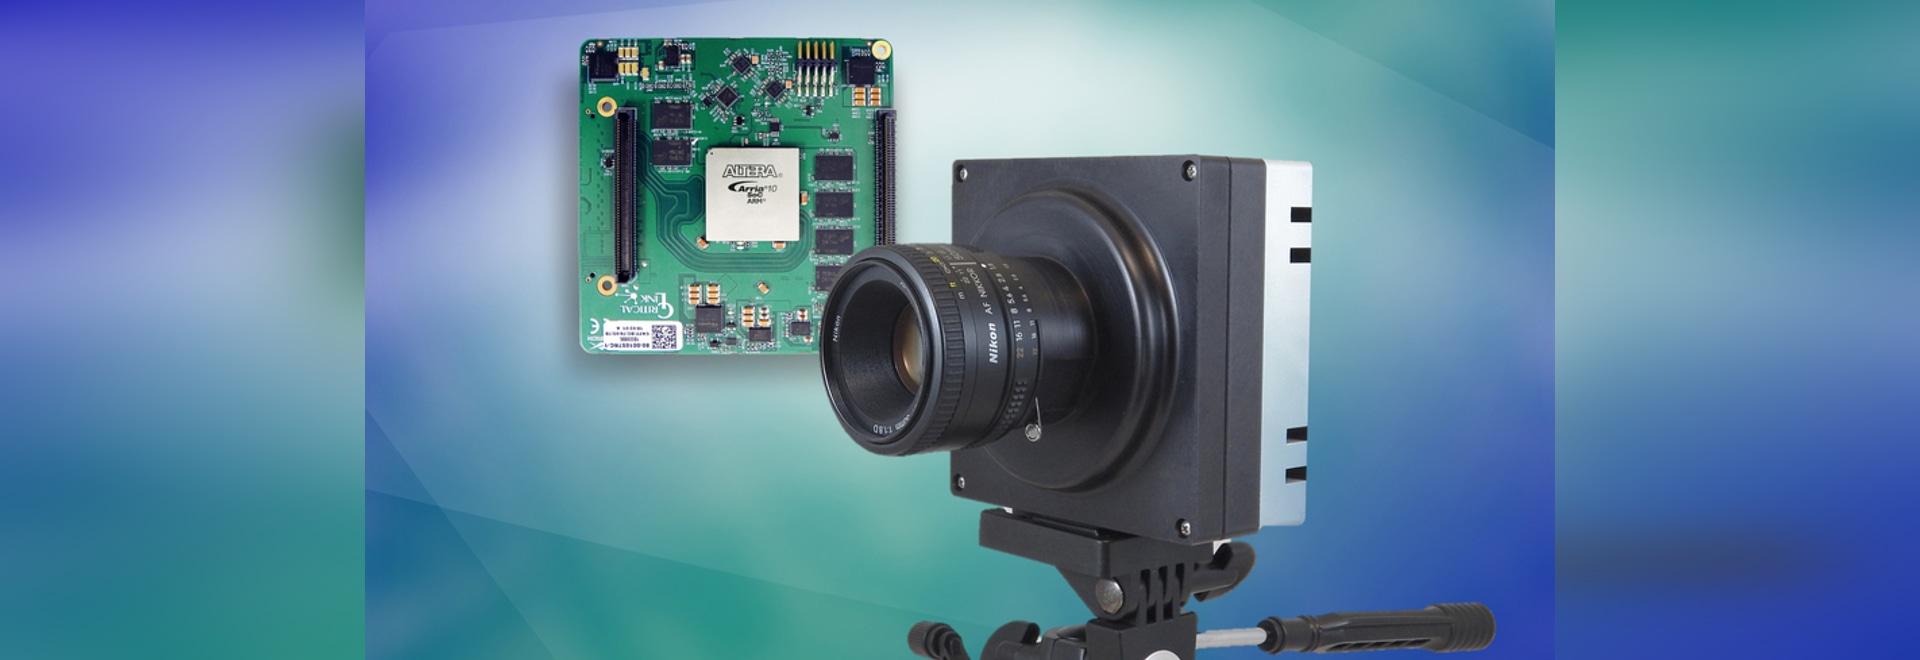 El sistema integrado de la proyección de imagen golpea el mercado industrial